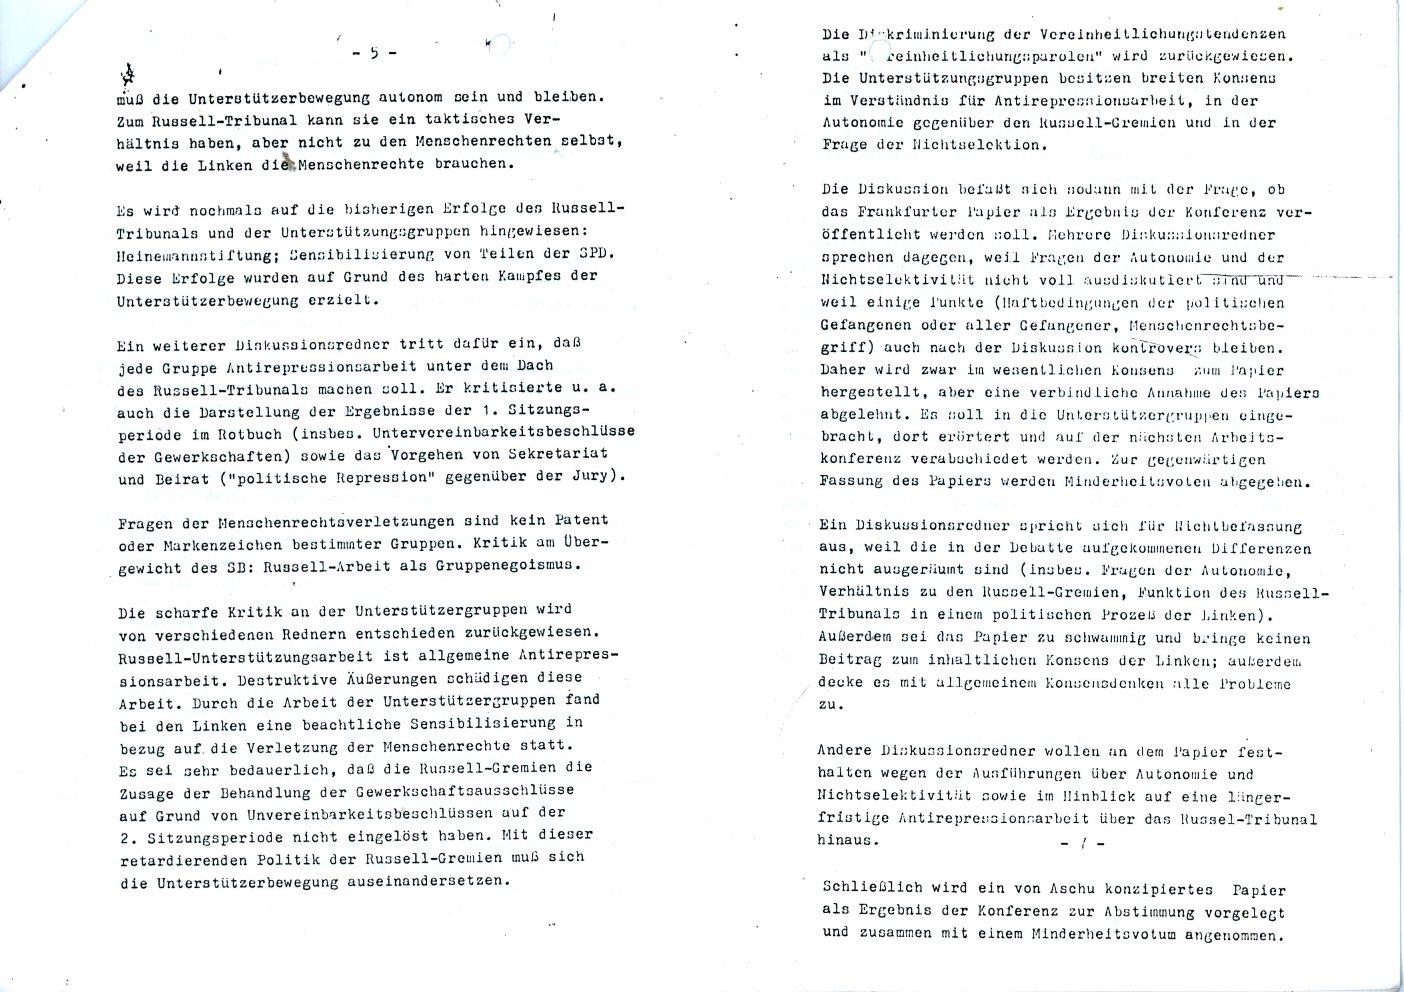 Frankfurt_Konferenz_der_Russell_Unterstuetzungsgruppen_19780624_10